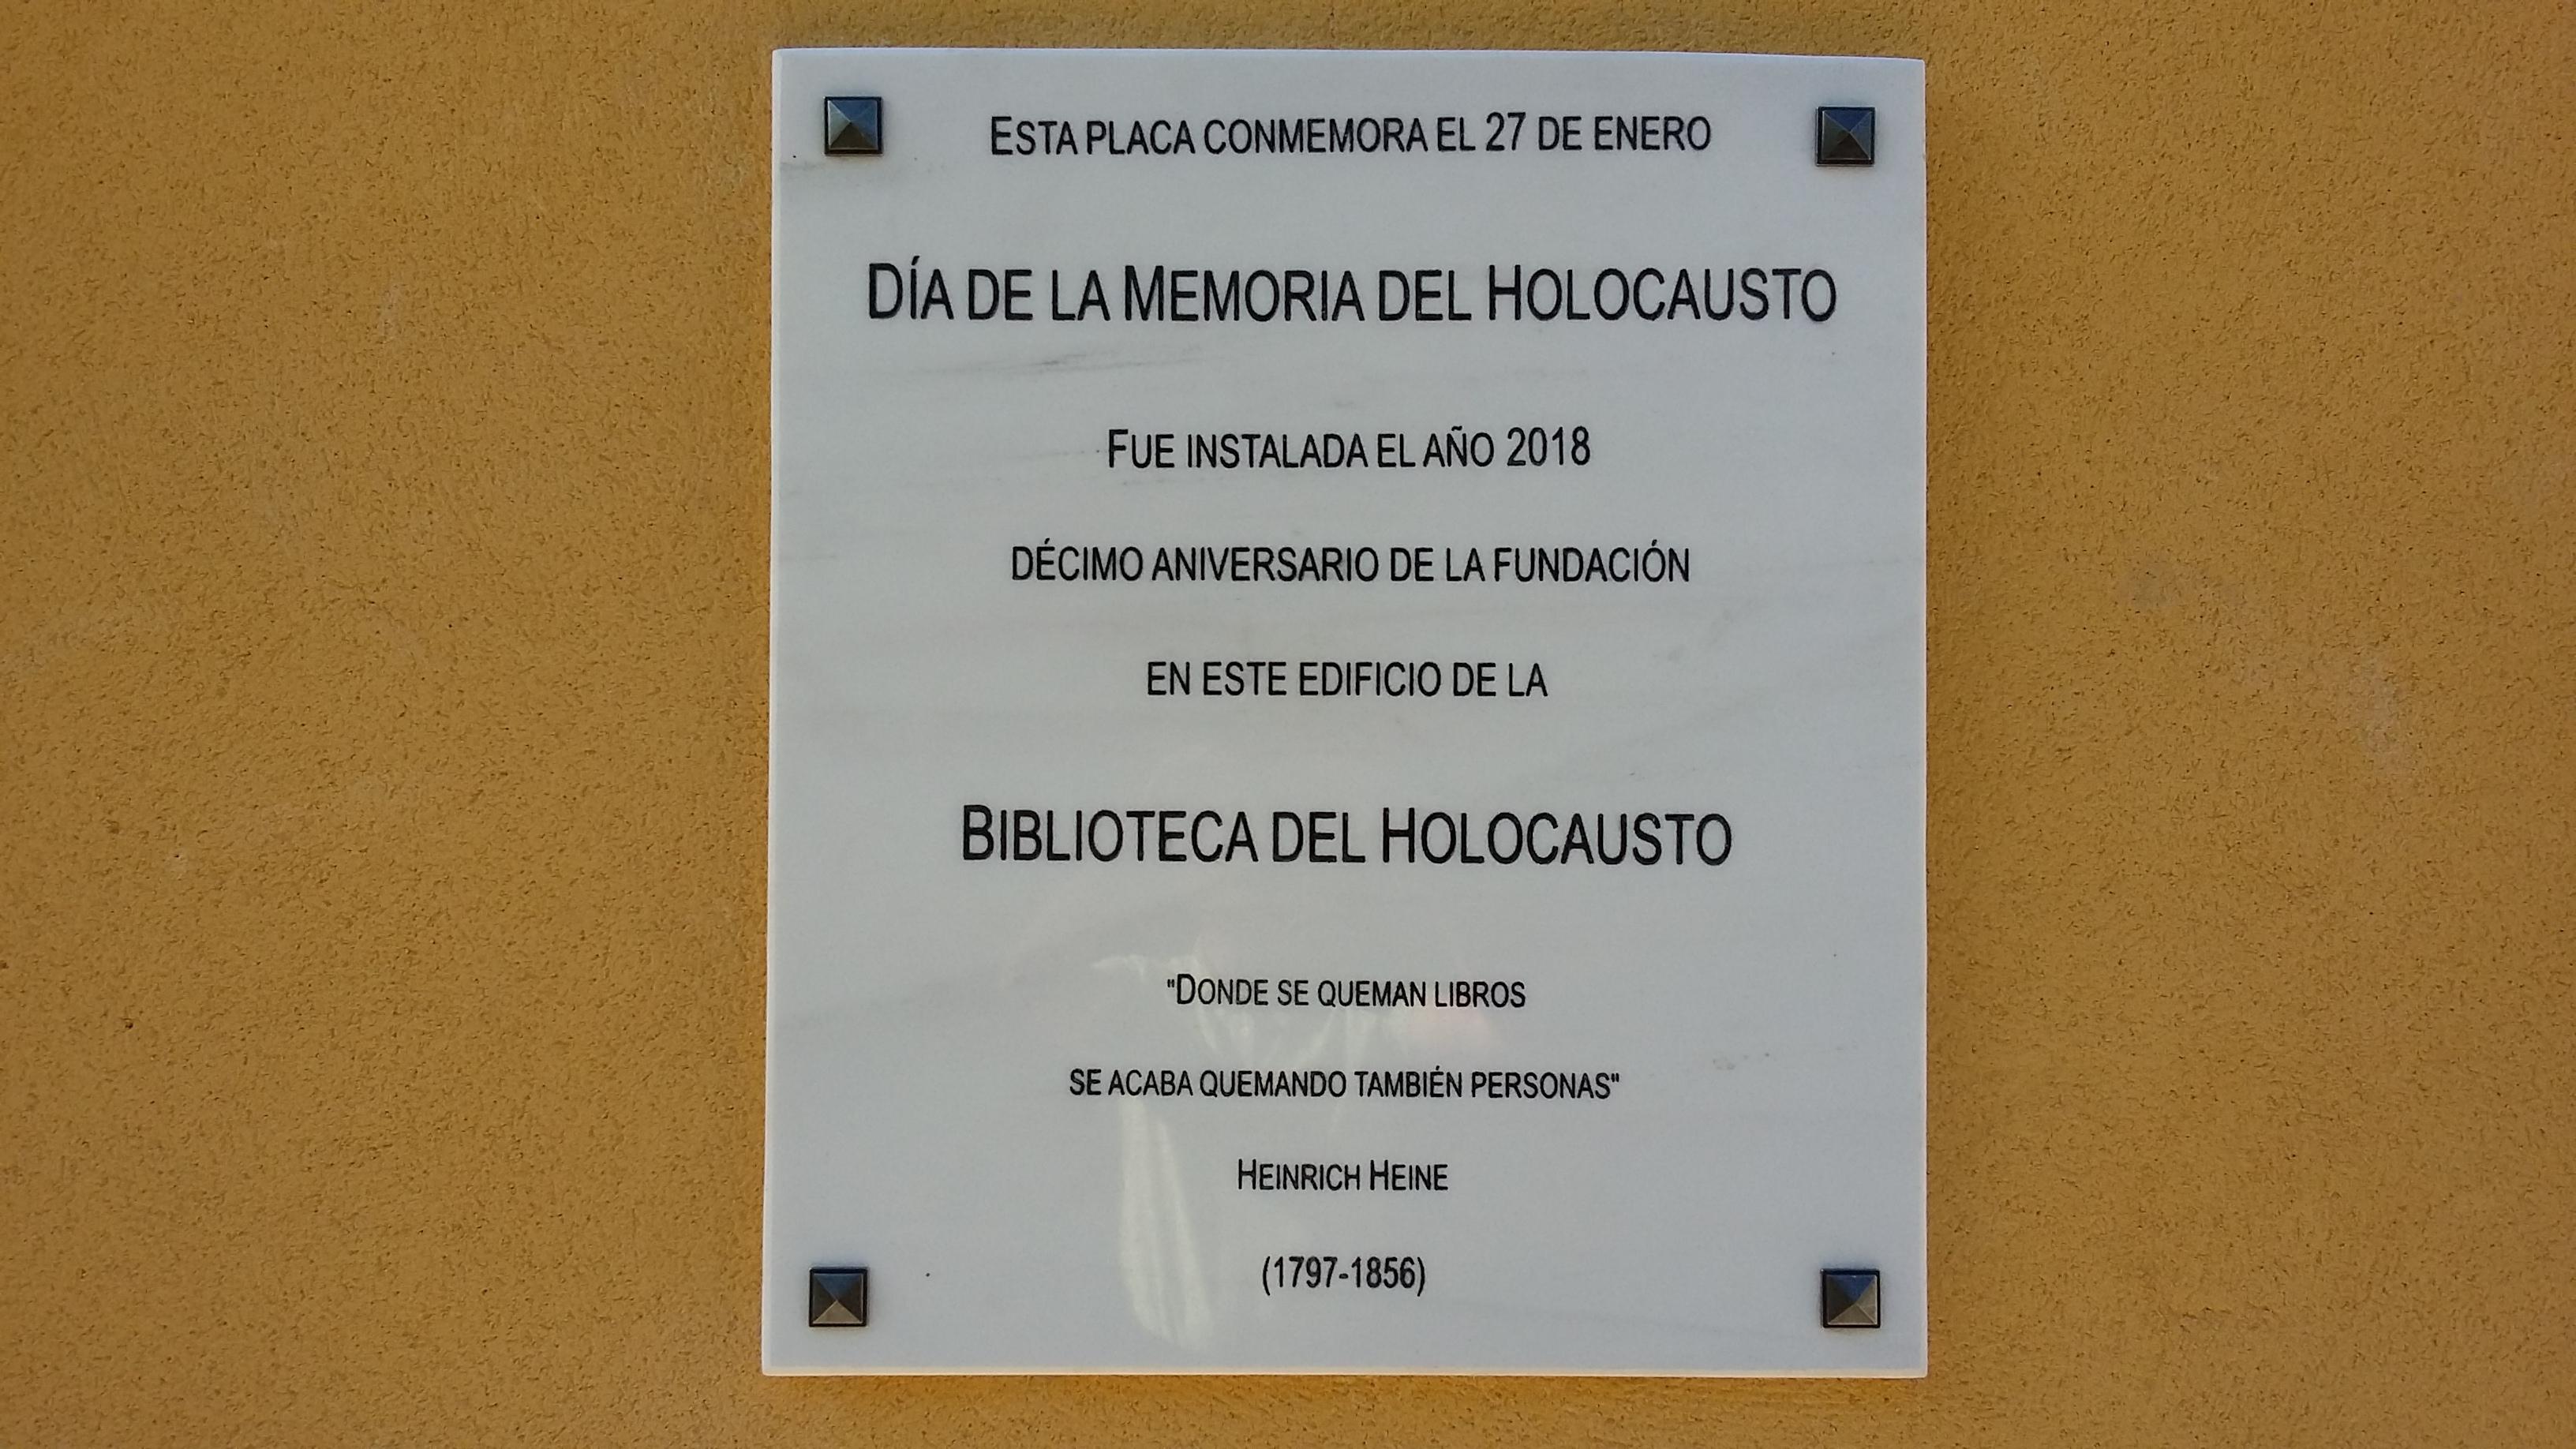 Día de la Memoria del Holocausto